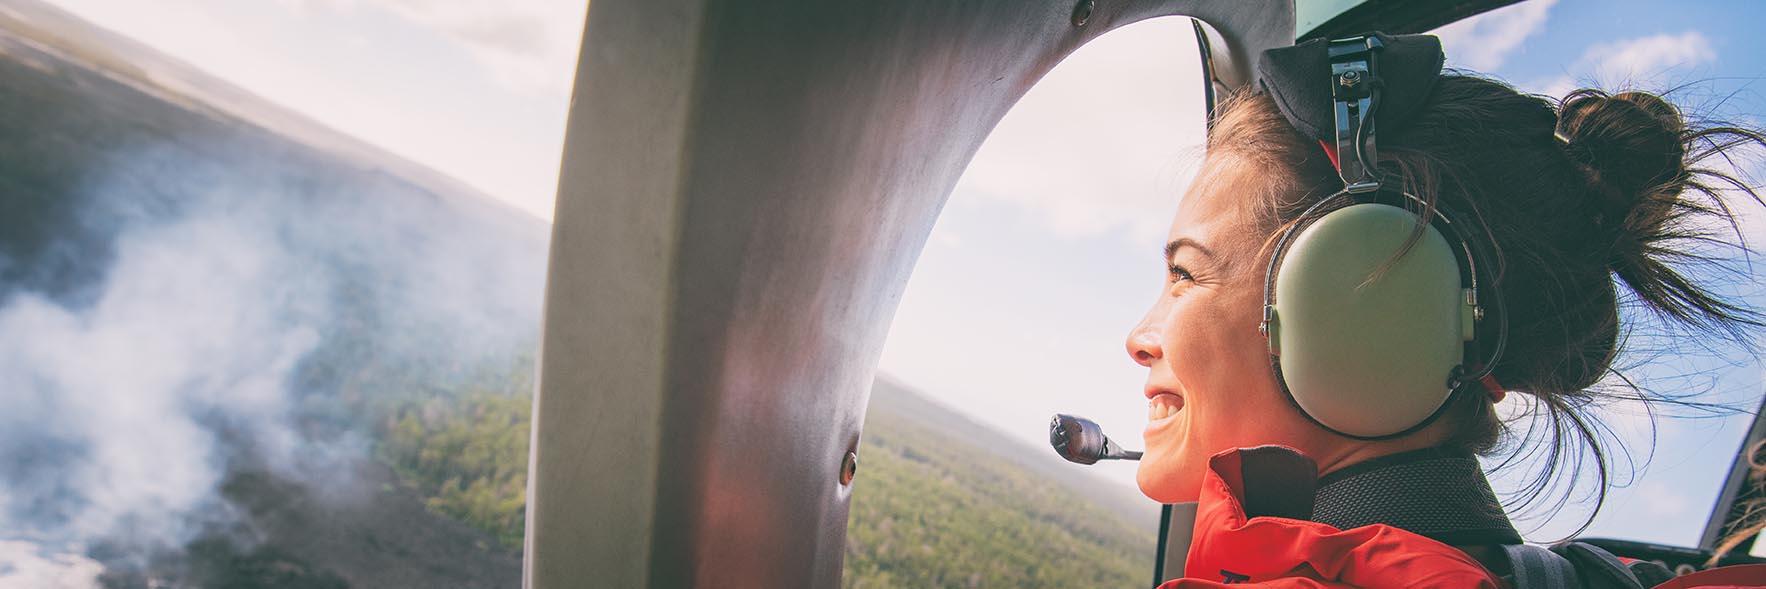 Om oss som arbetar med helikopter i Stockholm